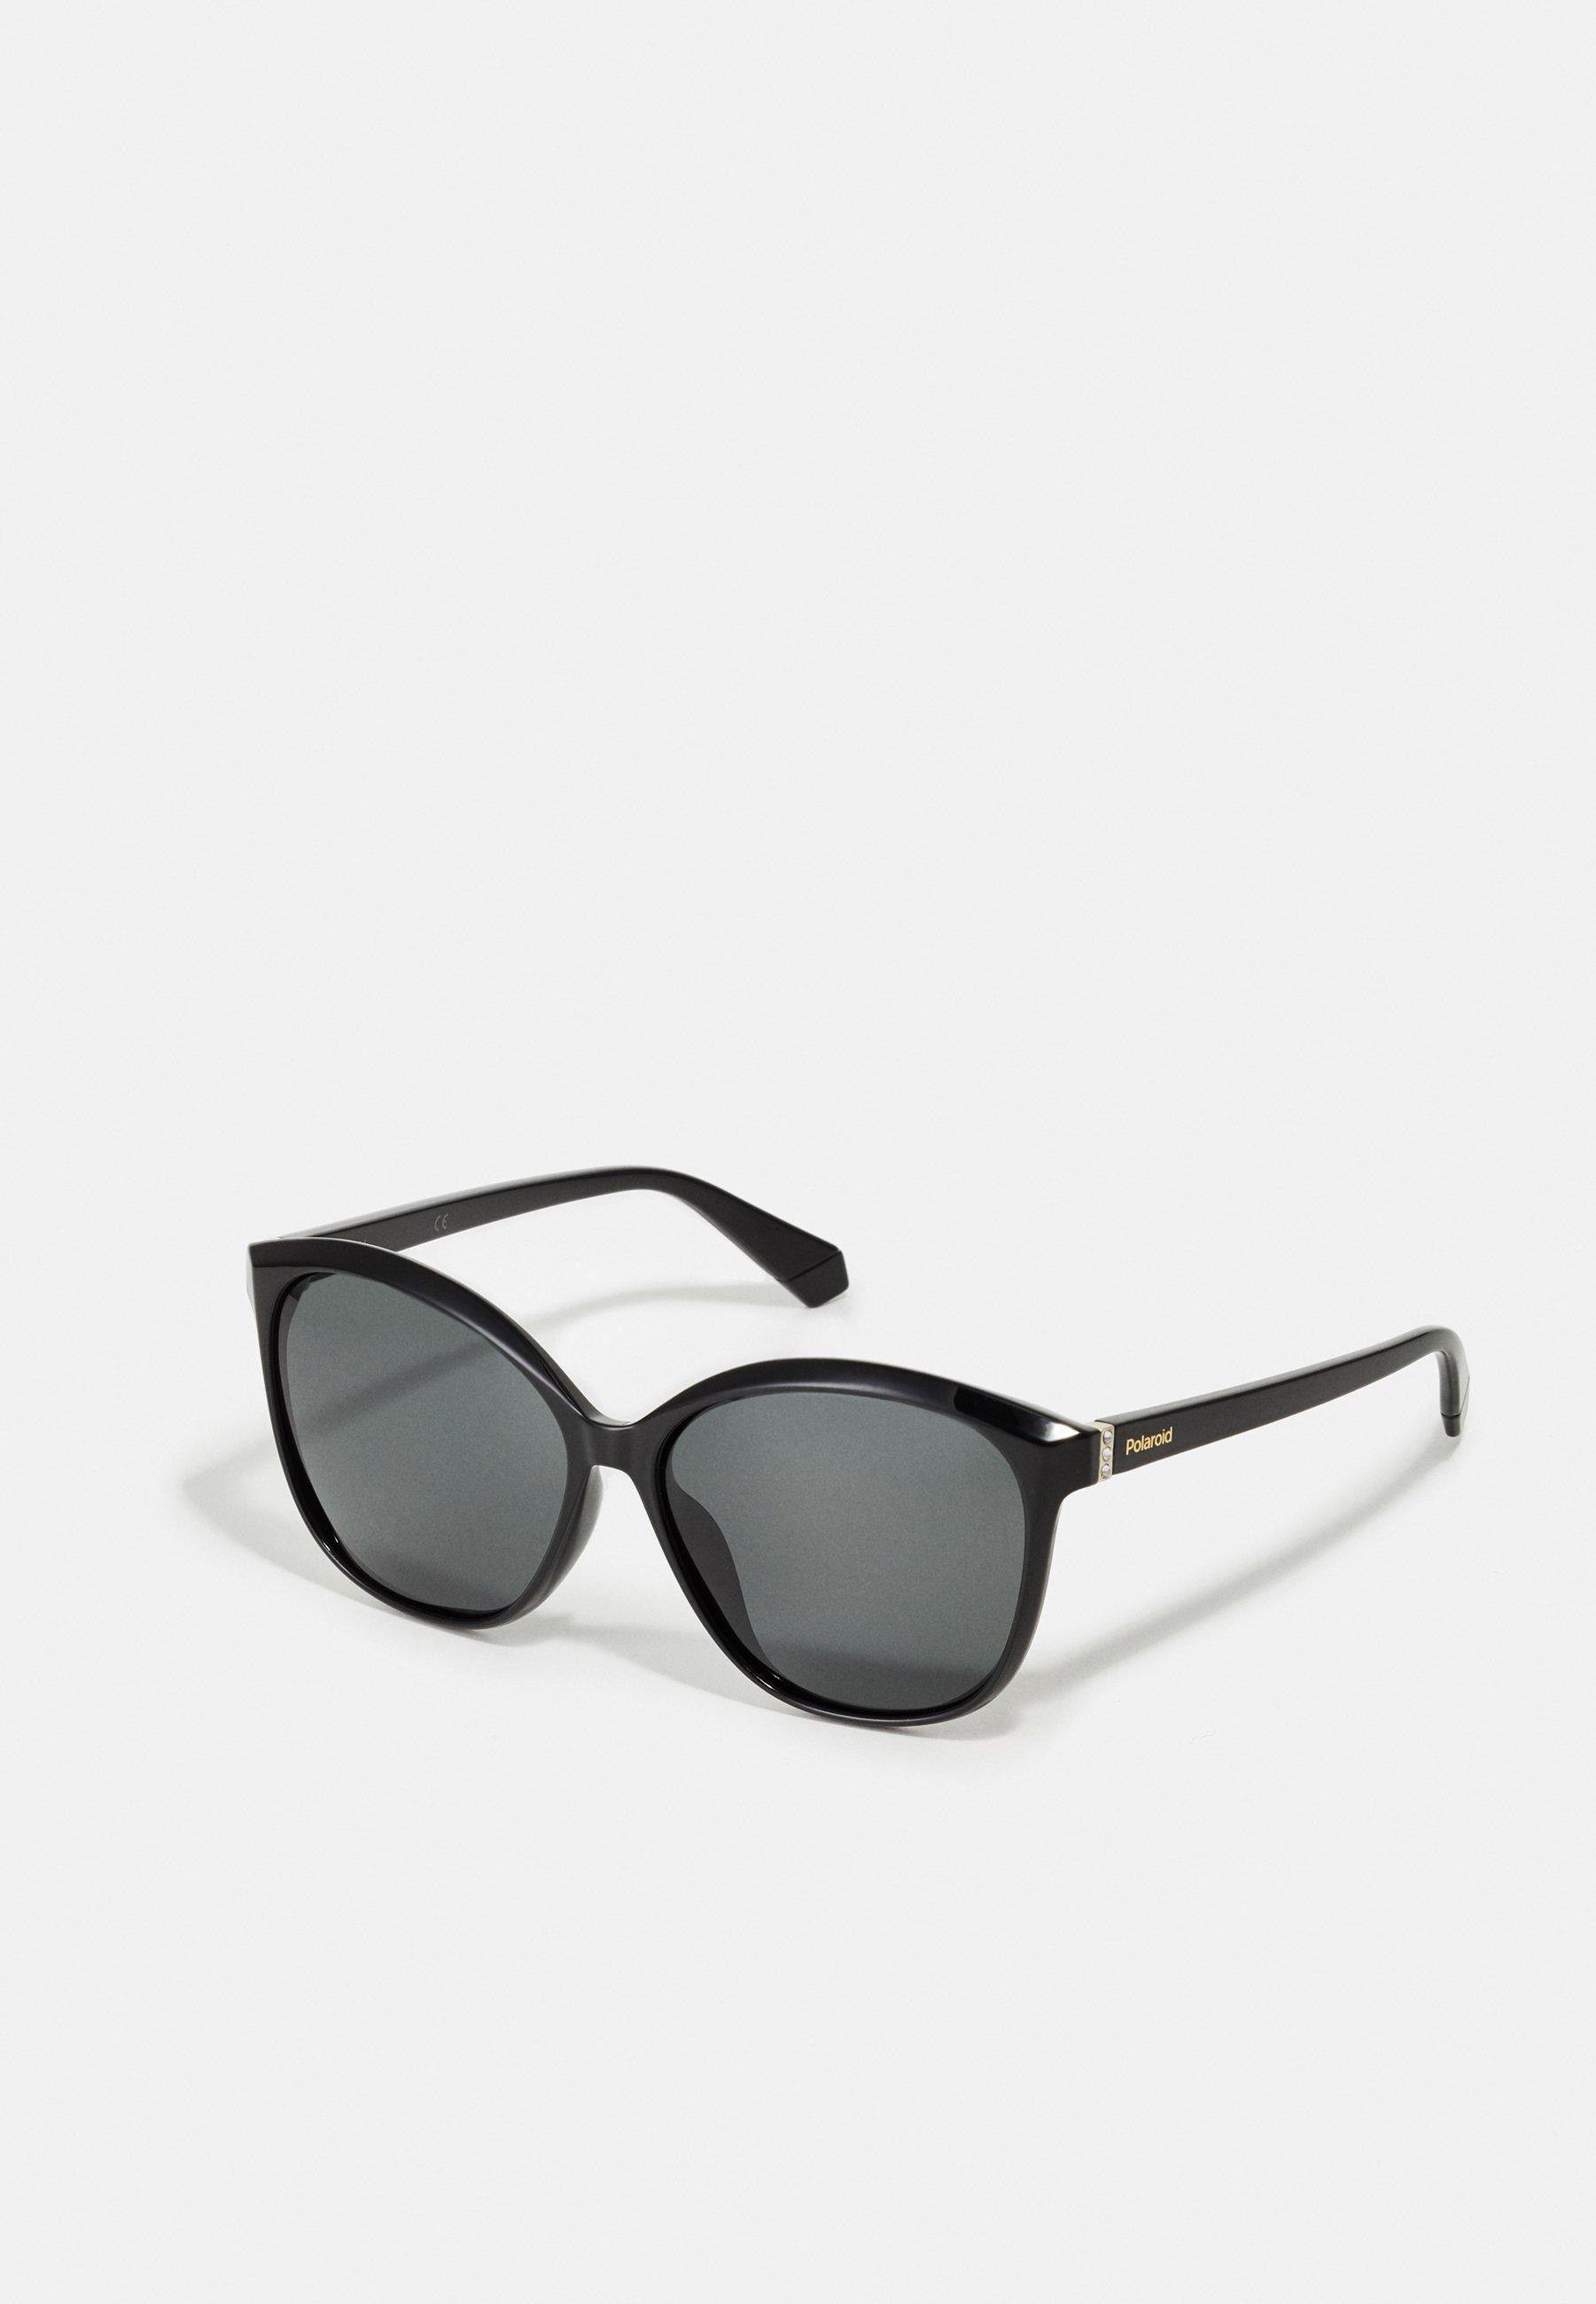 Occhiali da sole Sunglasses Polaroid P002 A Nero Black